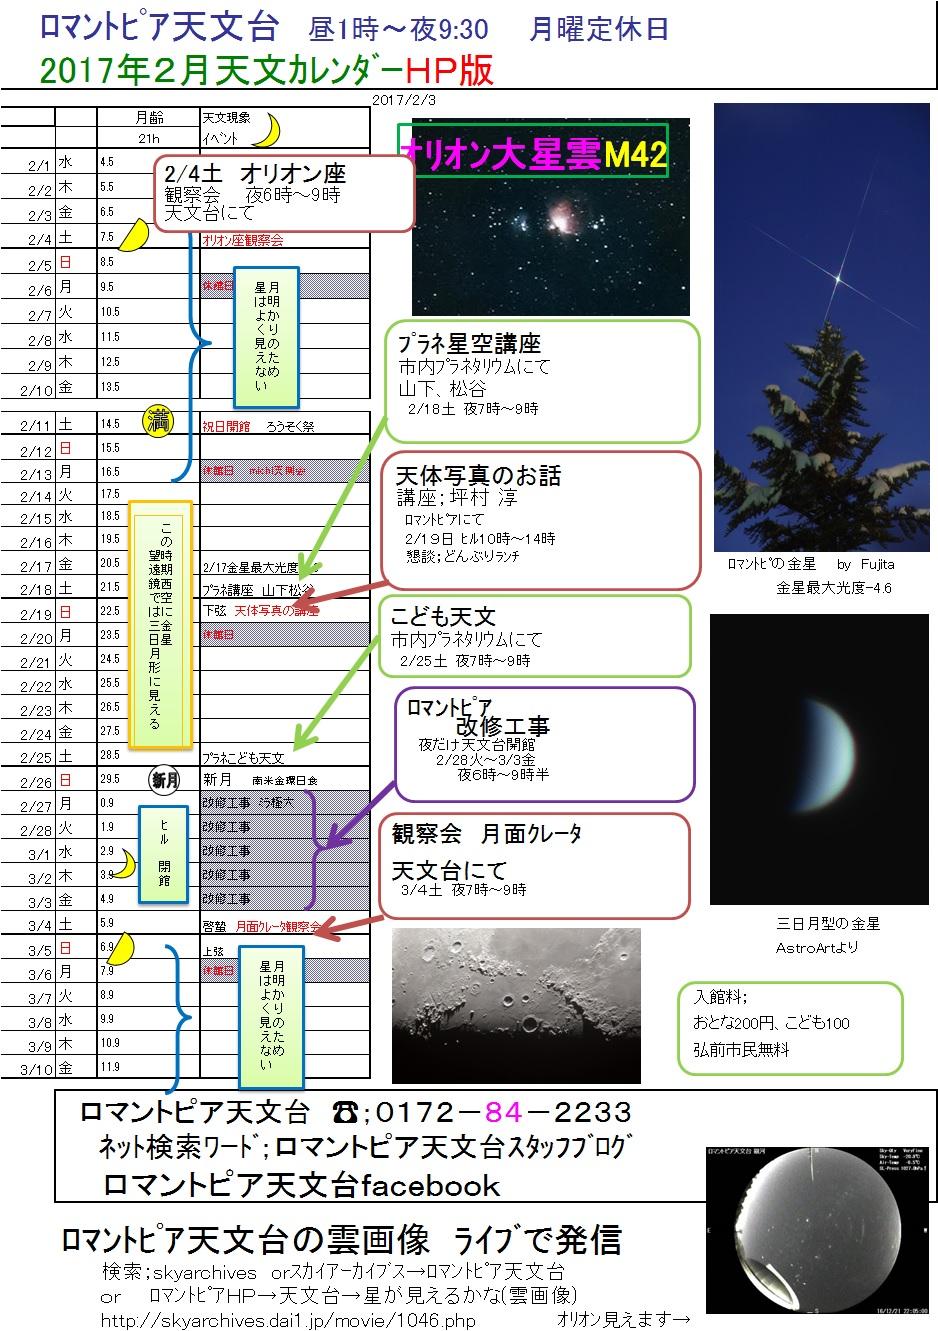 星と森のロマントピア 天文台「銀河」天文カレンダー 2017年2月